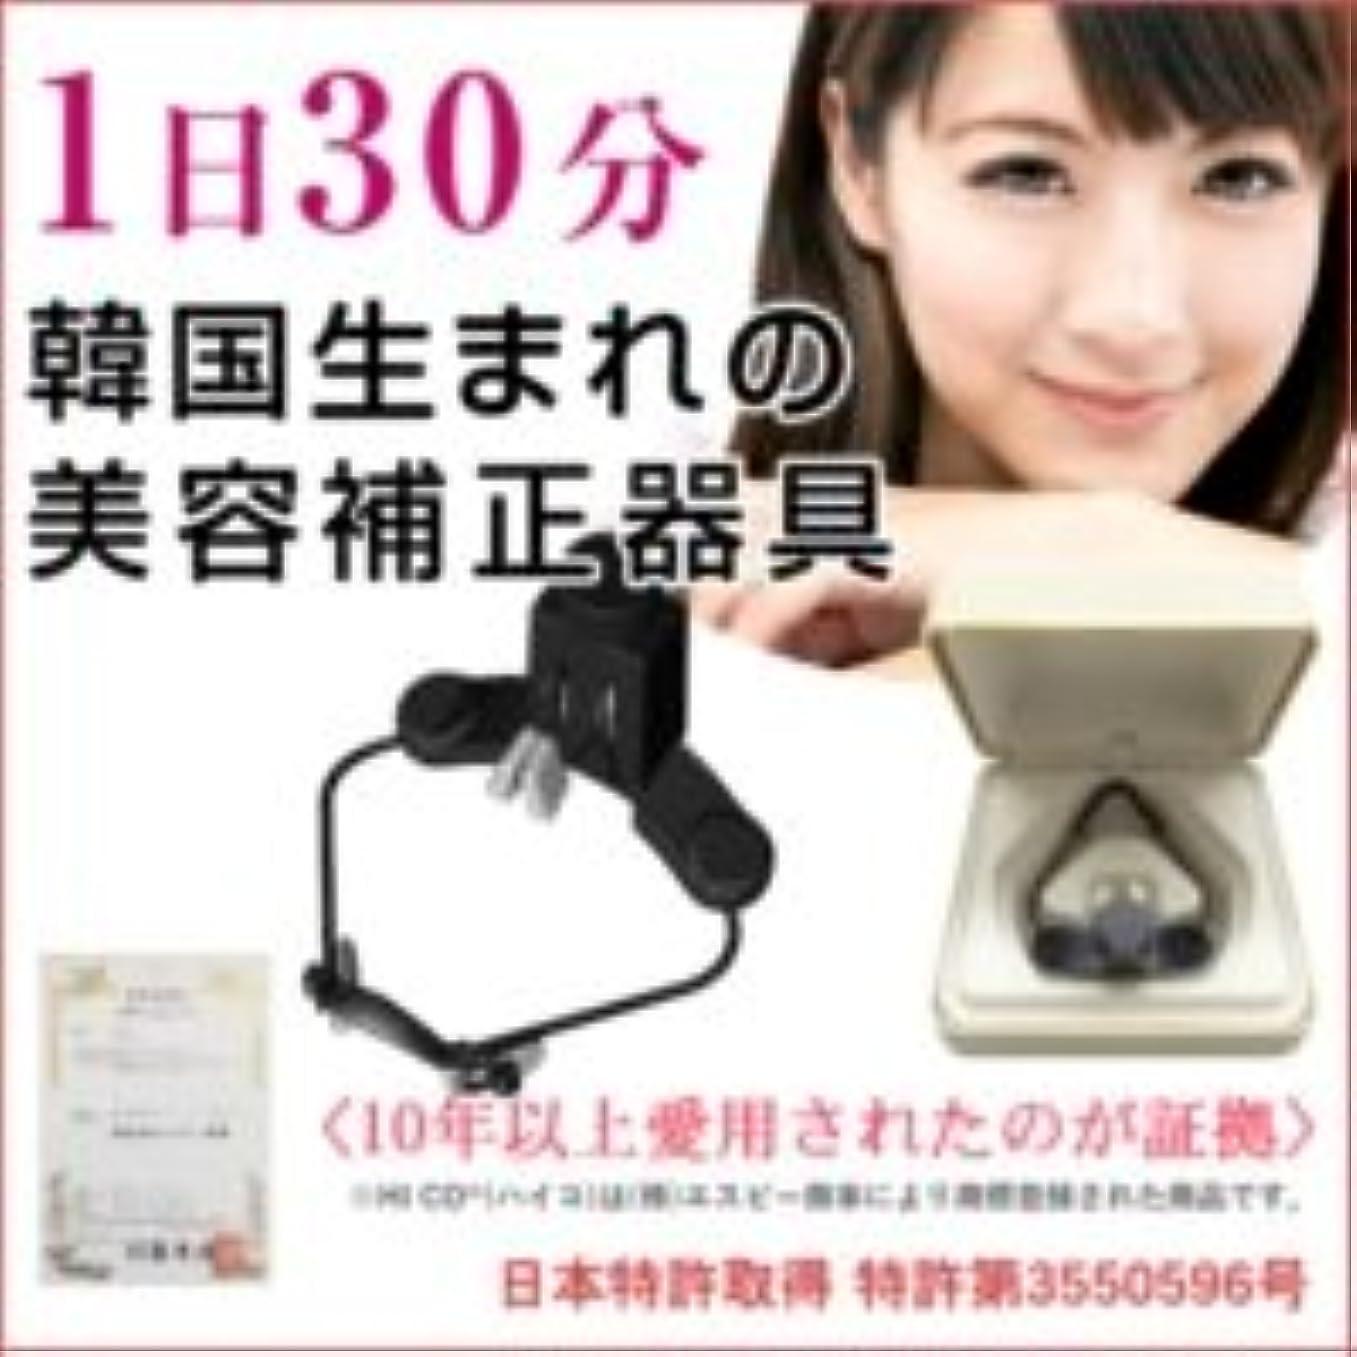 何故なのリビジョン乗ってハイコ (HICO) 美鼻補整器具